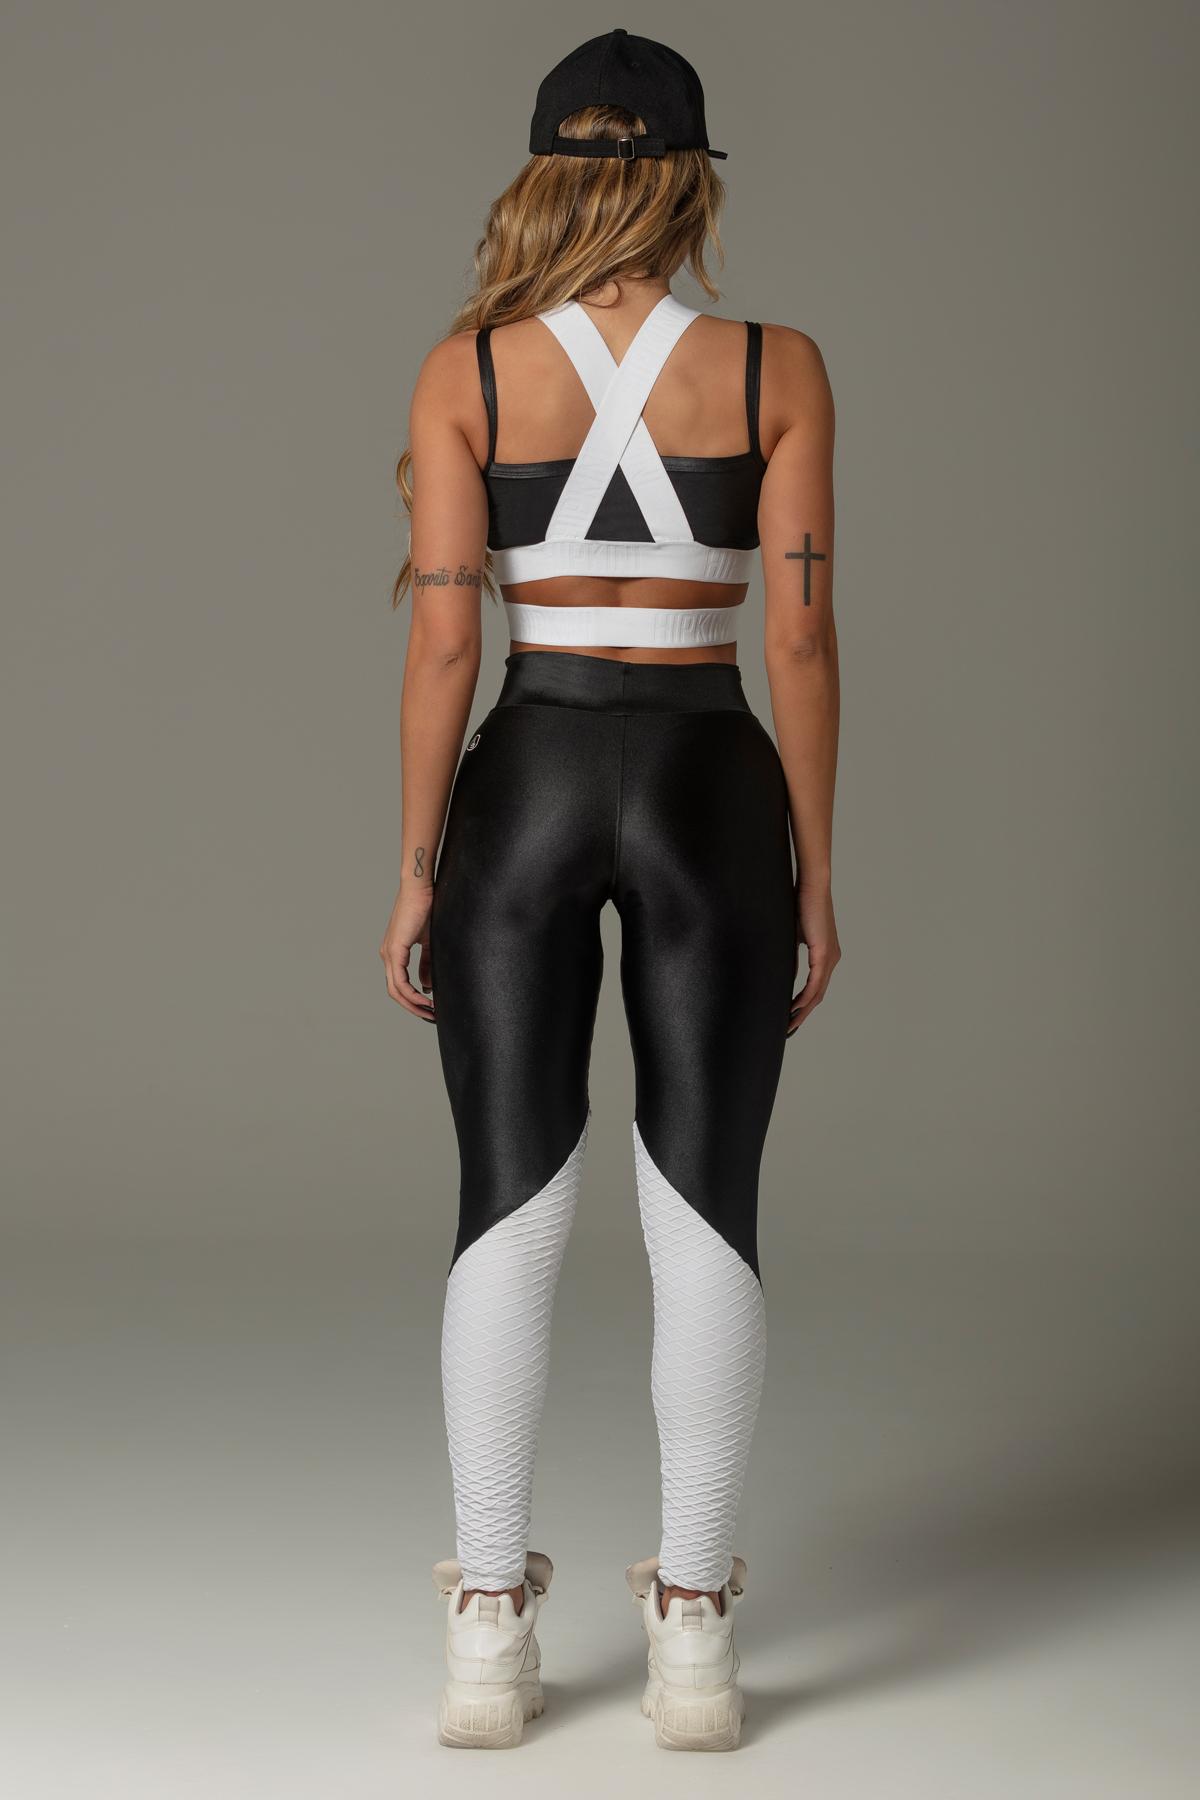 brasilianische-fitness-leggings-3338062waYp91BwmSR1S